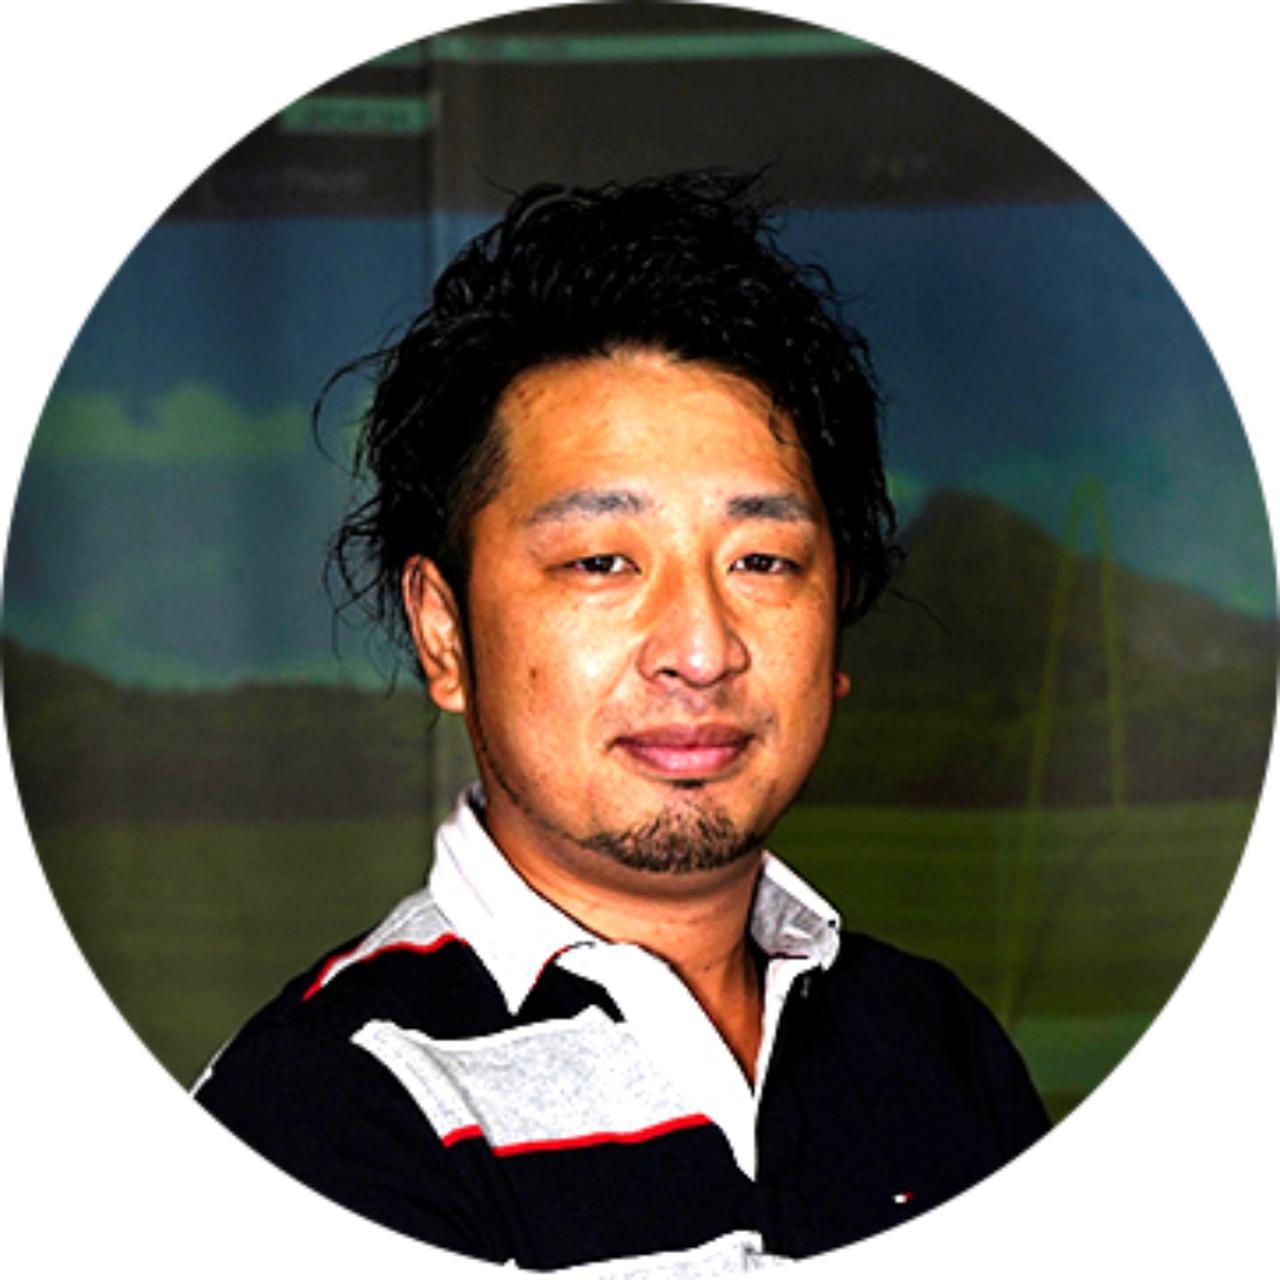 画像: BAR「sine」店長 大平輝生さん HS45m/s HC13 持ち球はフェード